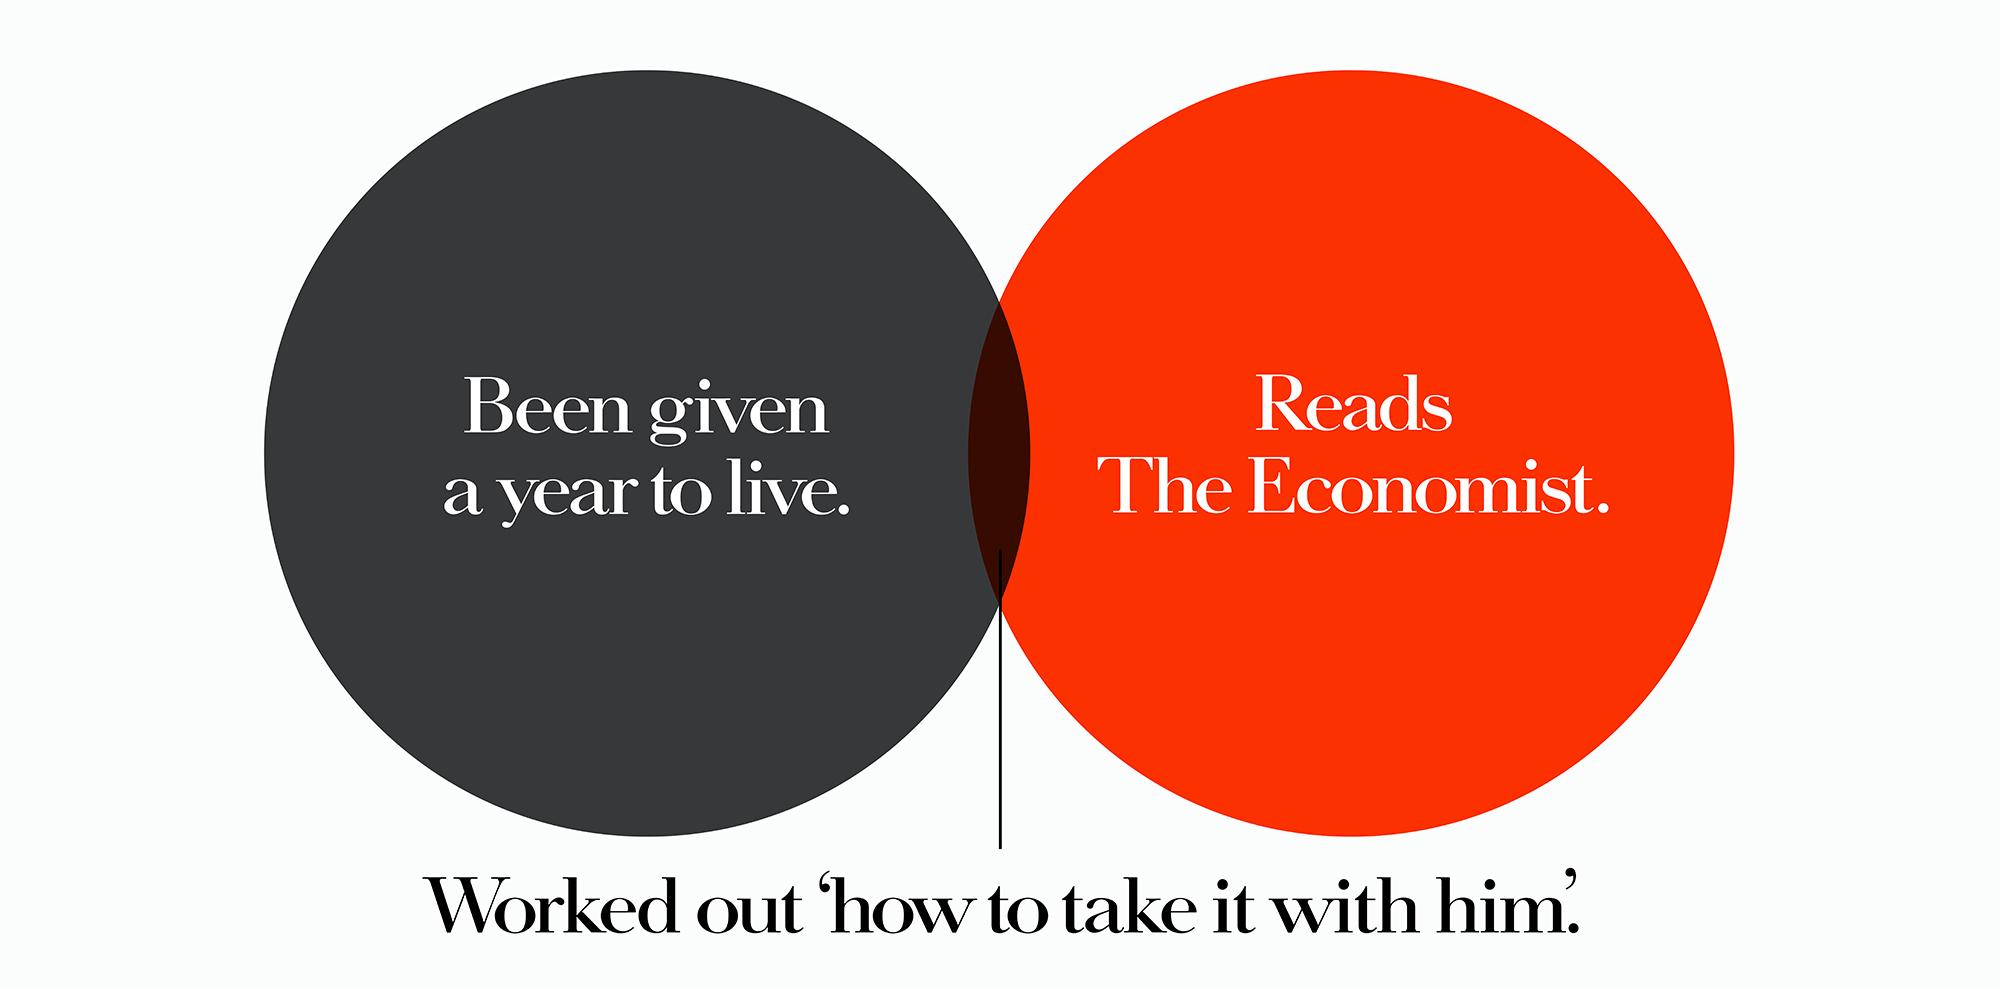 'Been Given A' The Economist, Dave Dye, Venn, 48 sheet, AMV-BBDO